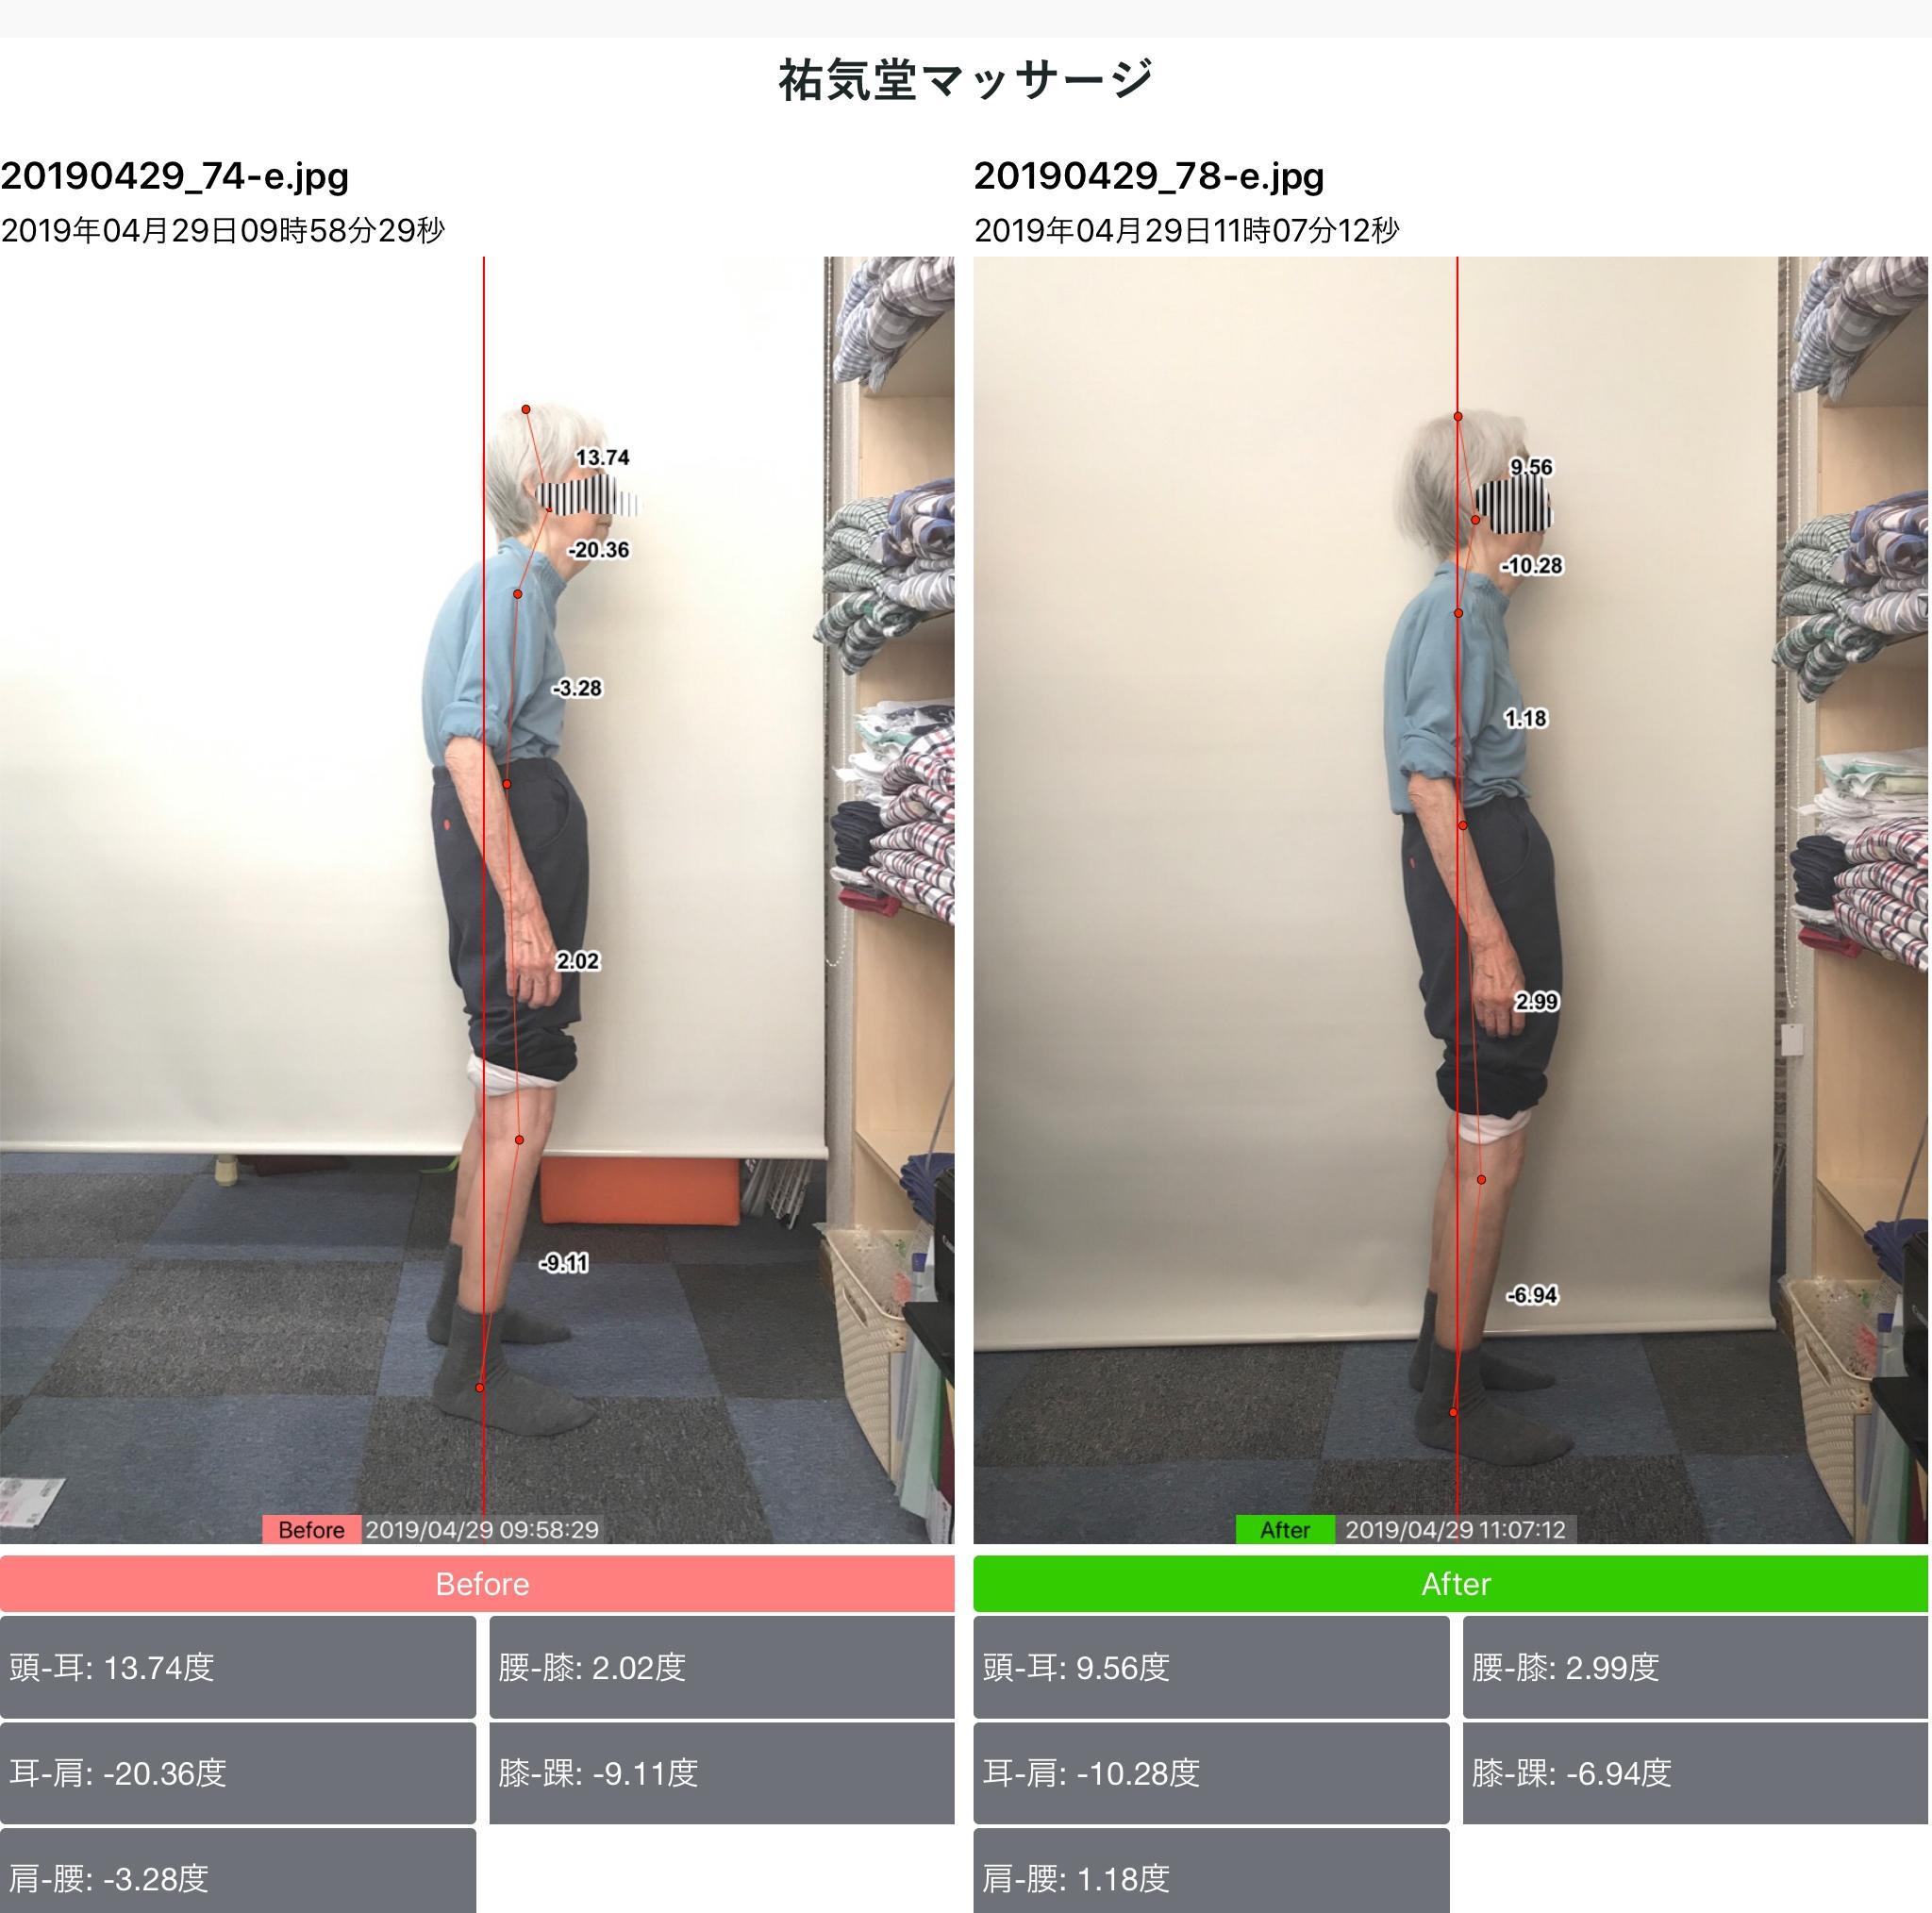 90歳代女性の姿勢分析